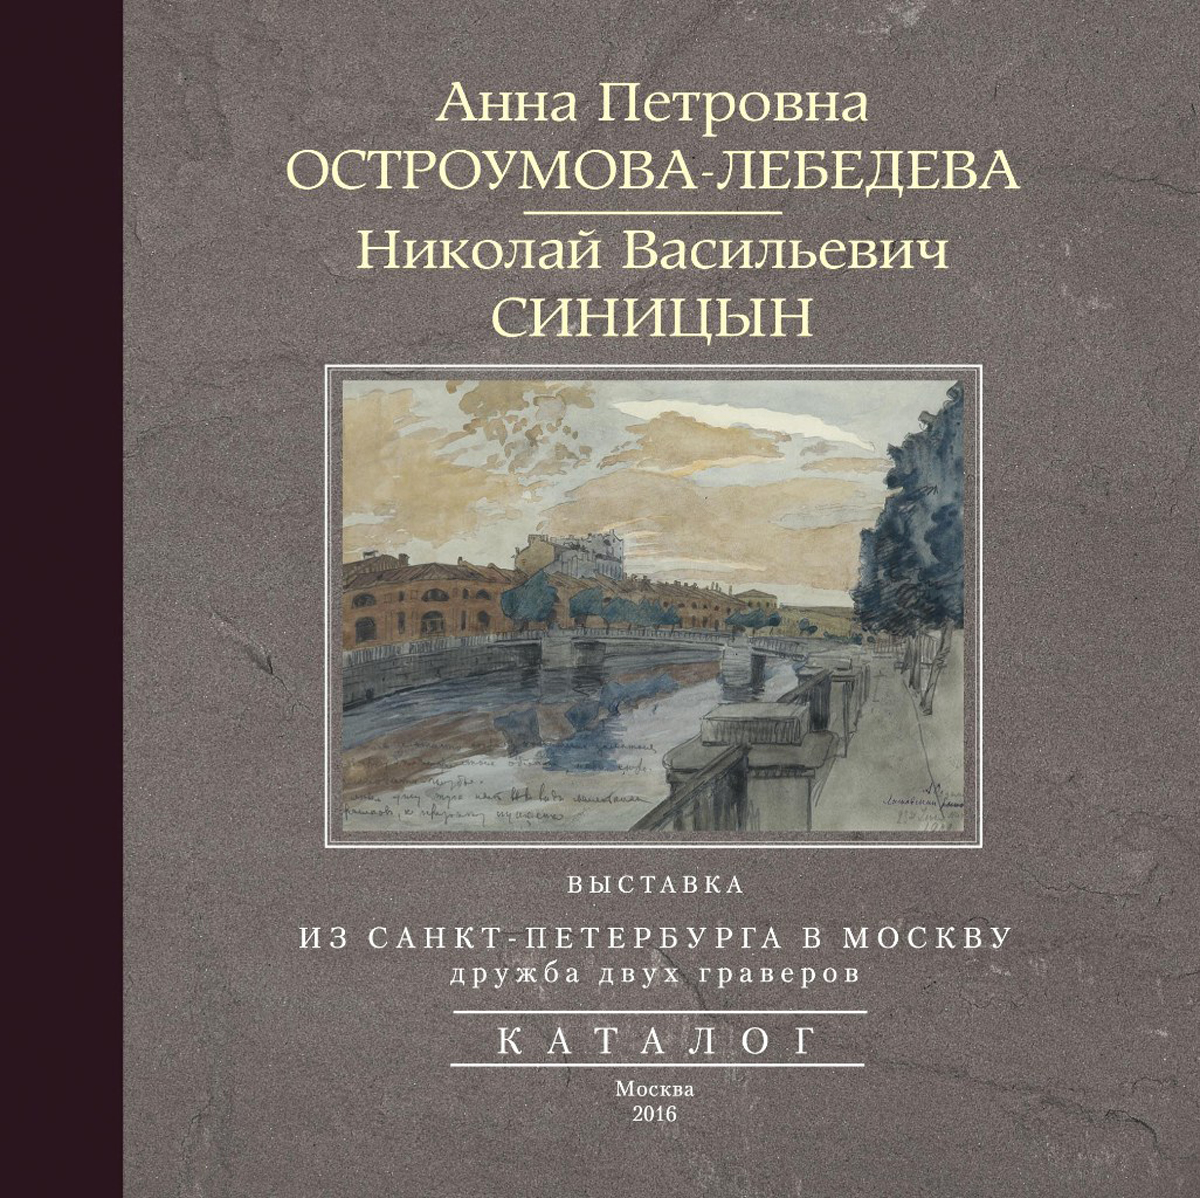 А. П. Остроумова-Лебедева, Н. В. Синицын Из Санкт-Петербурга в Москву. Альбом